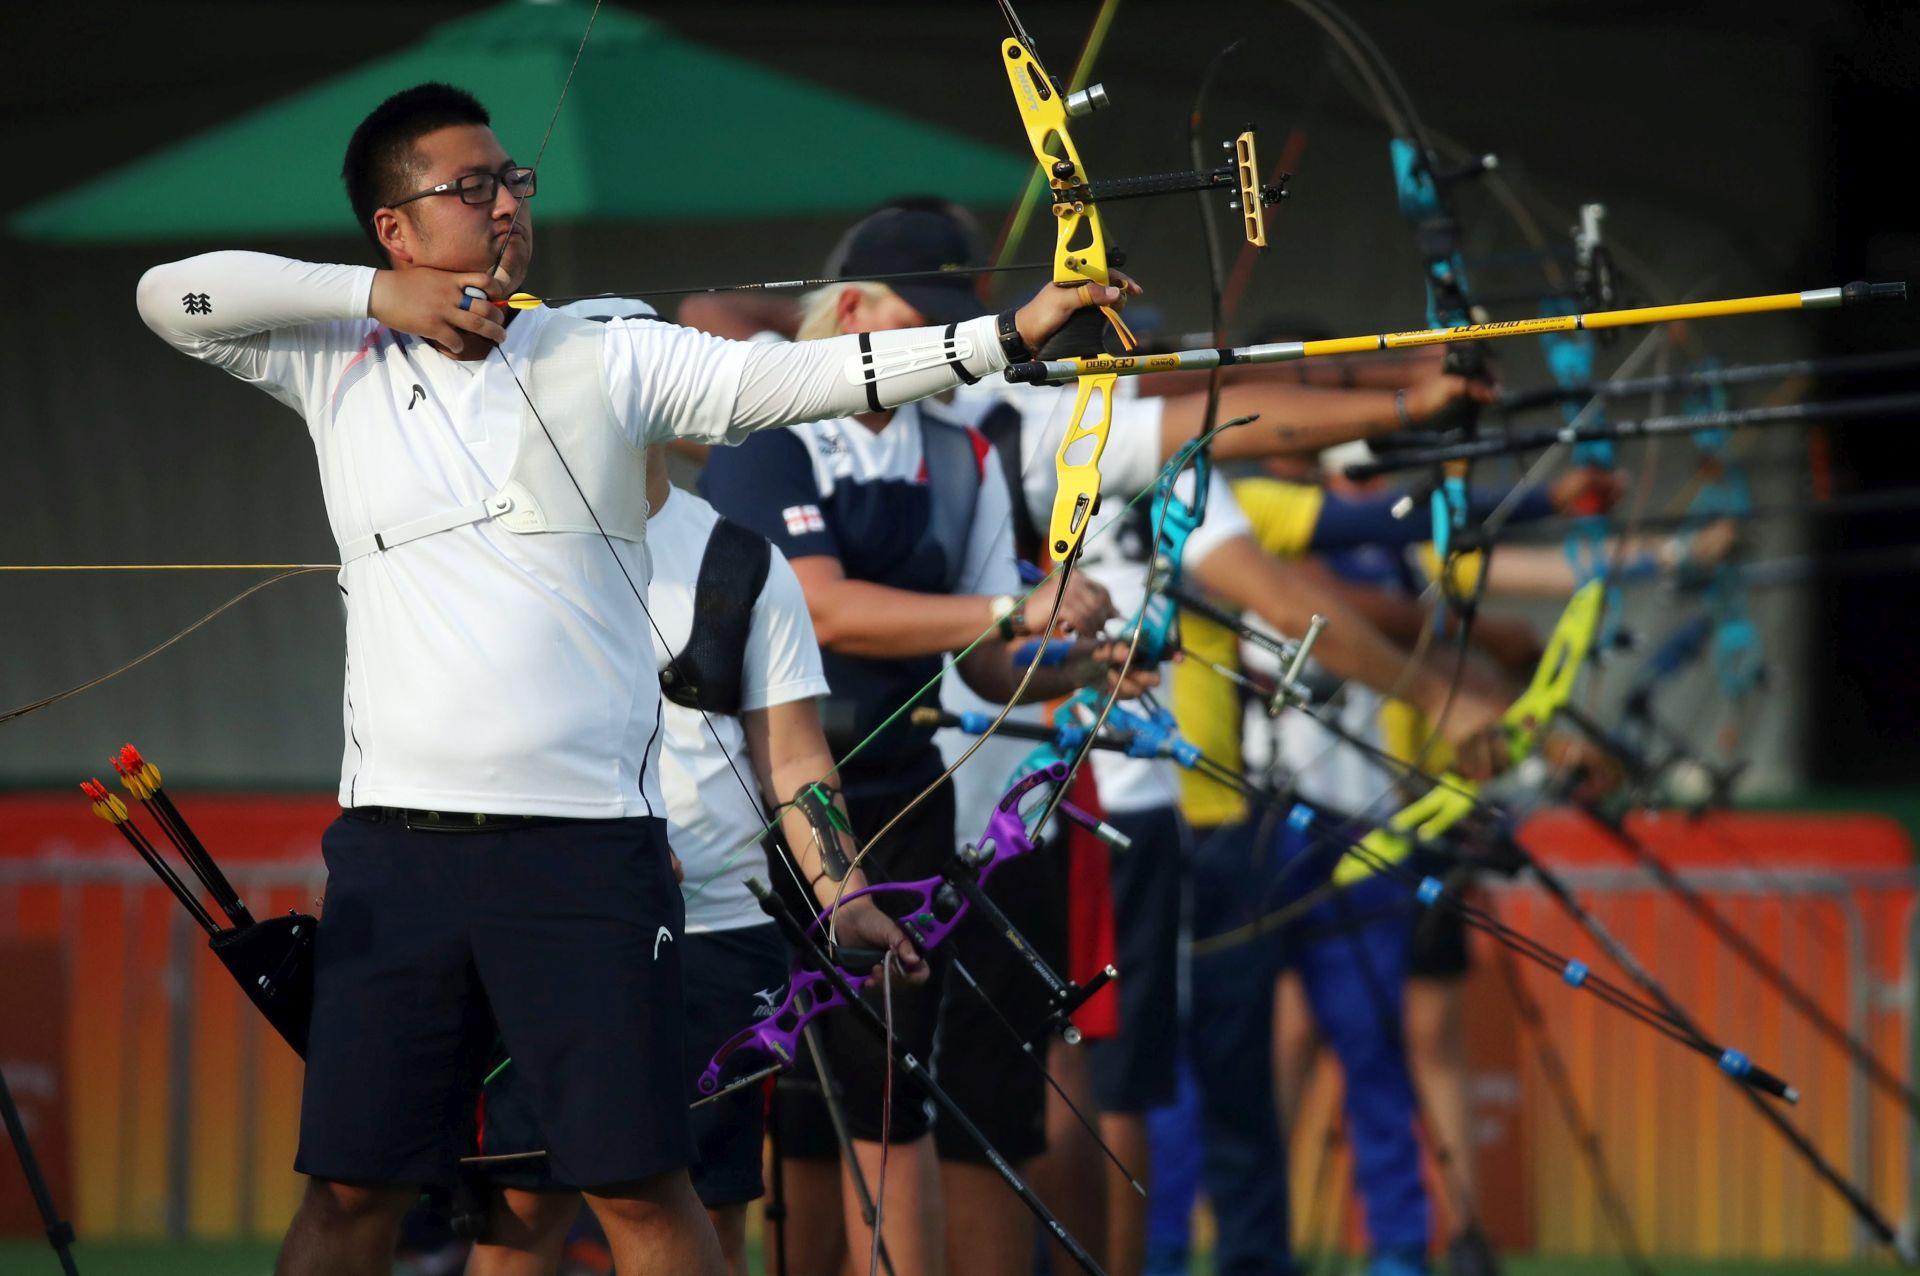 OI RIO: Svjetski rekord Kima u streličarstvu